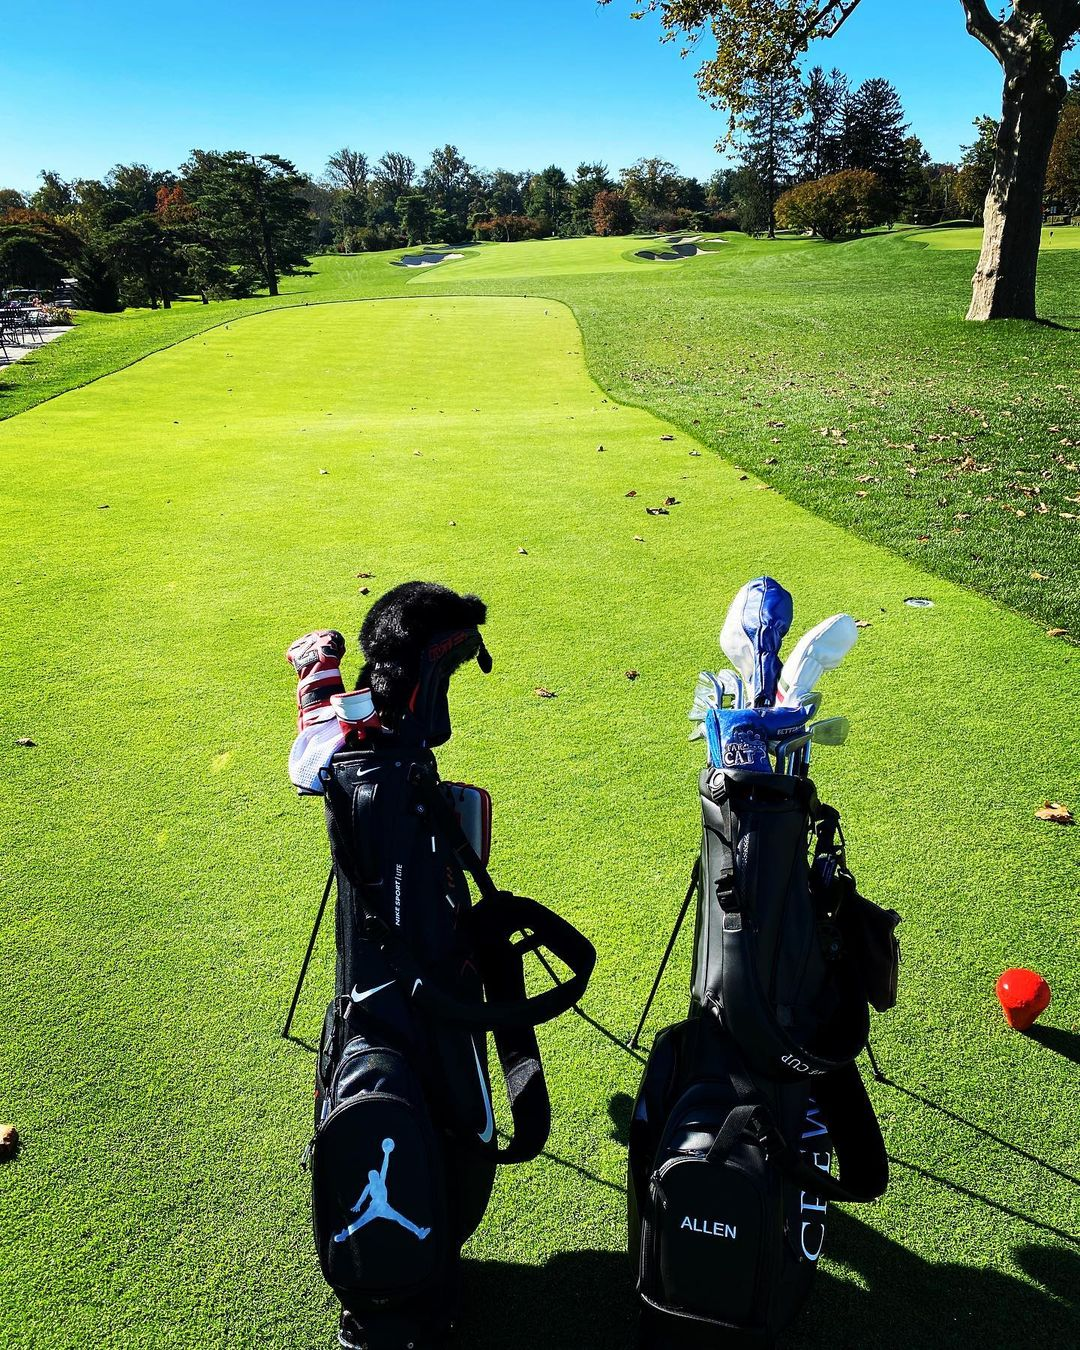 雷-阿伦晒高尔夫球场:在十月打高尔夫是无与伦比的